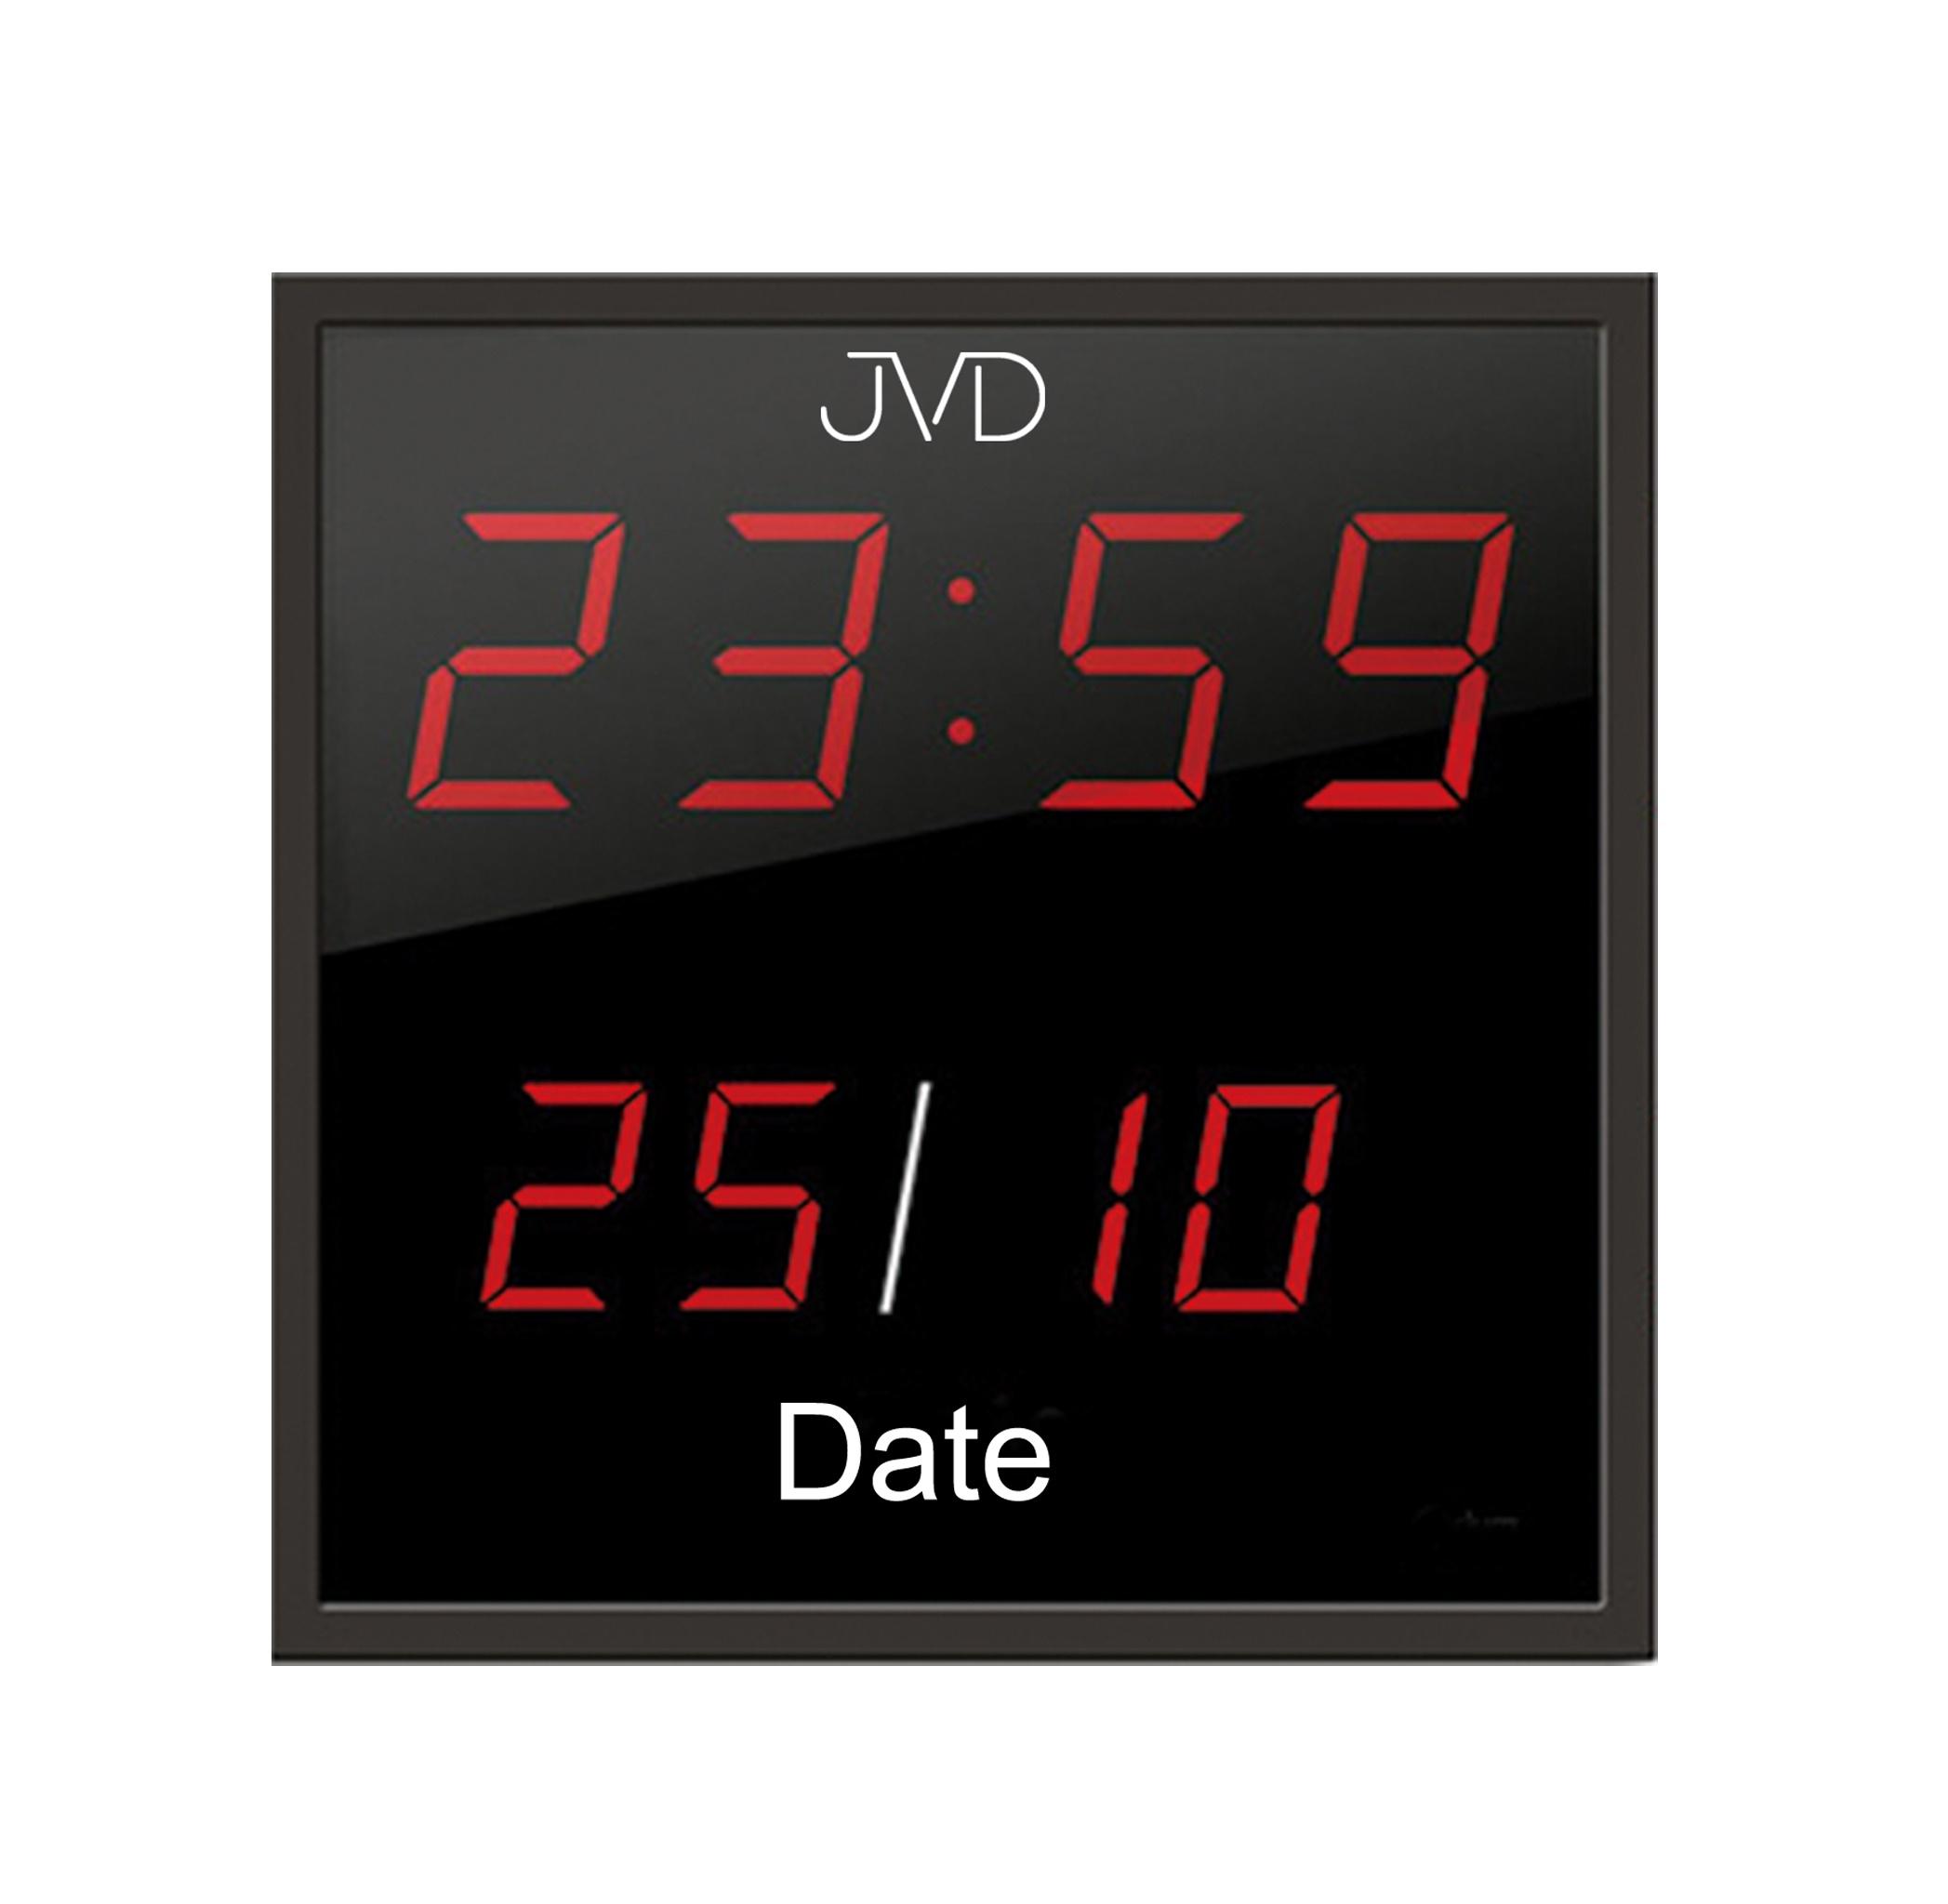 Velké svítící digitalní nástěnné hodiny JVD DH41 s červenými číslicemi